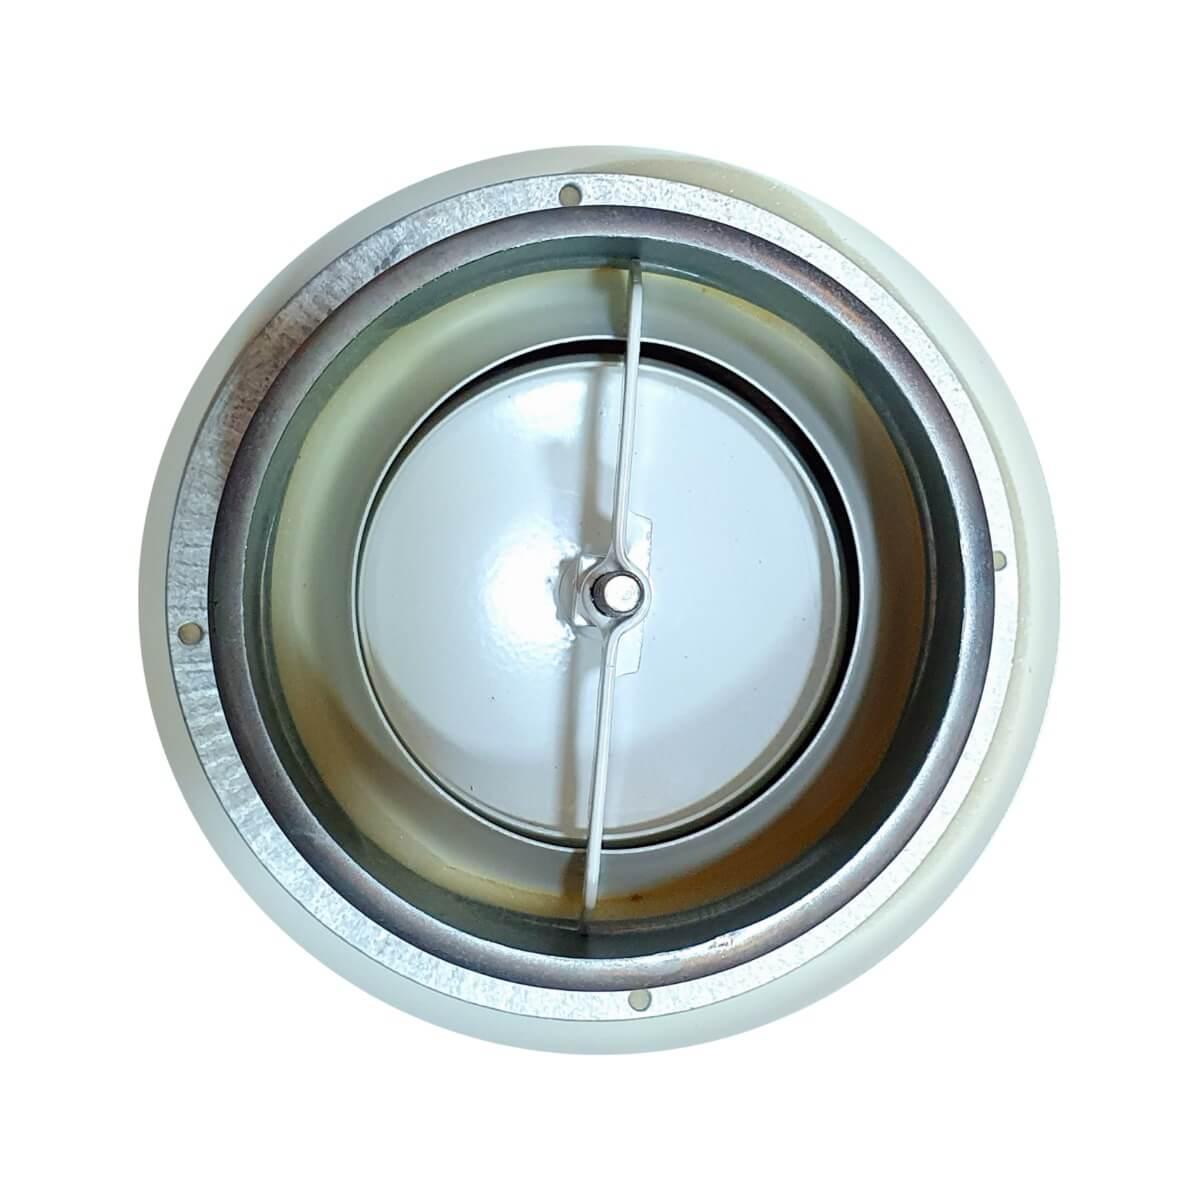 Difusor Circular Metálico de Exaustão e Insuflamento 160mm Soler & Palau